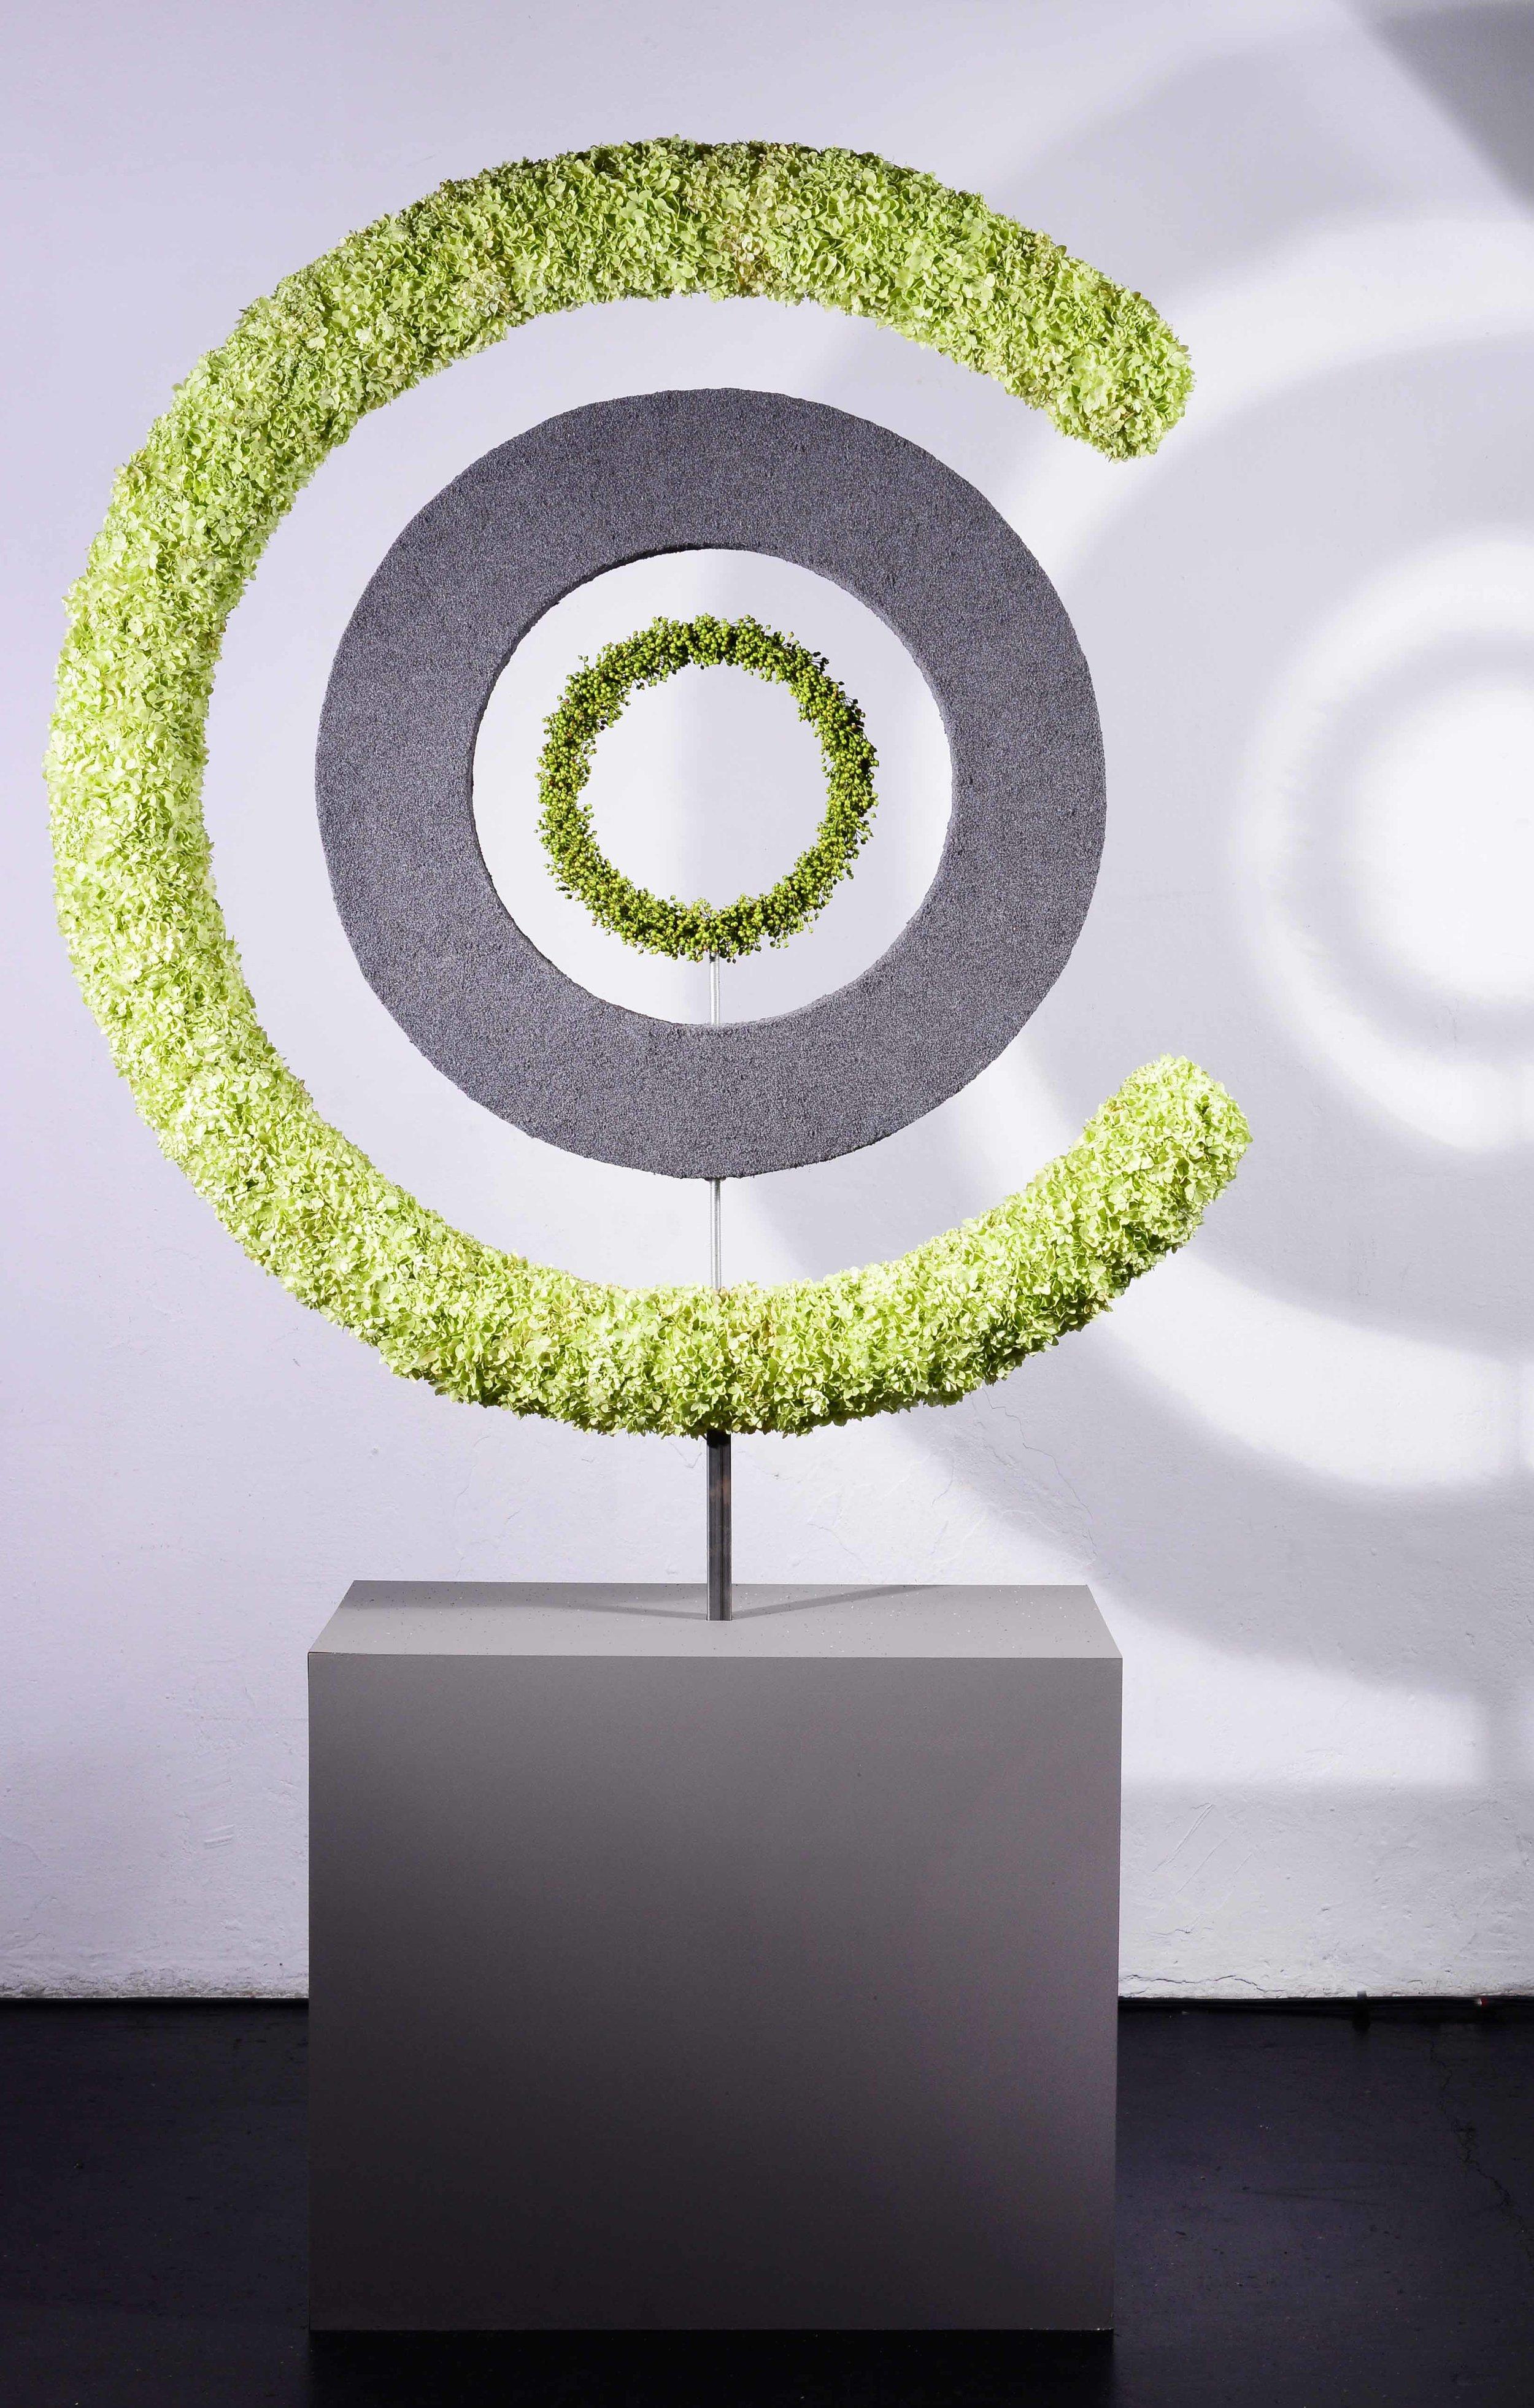 Ein Ring im Ring im Ring - eigenständige Kreise liess Fabienn Bänziger zu einem Ganzen werden.